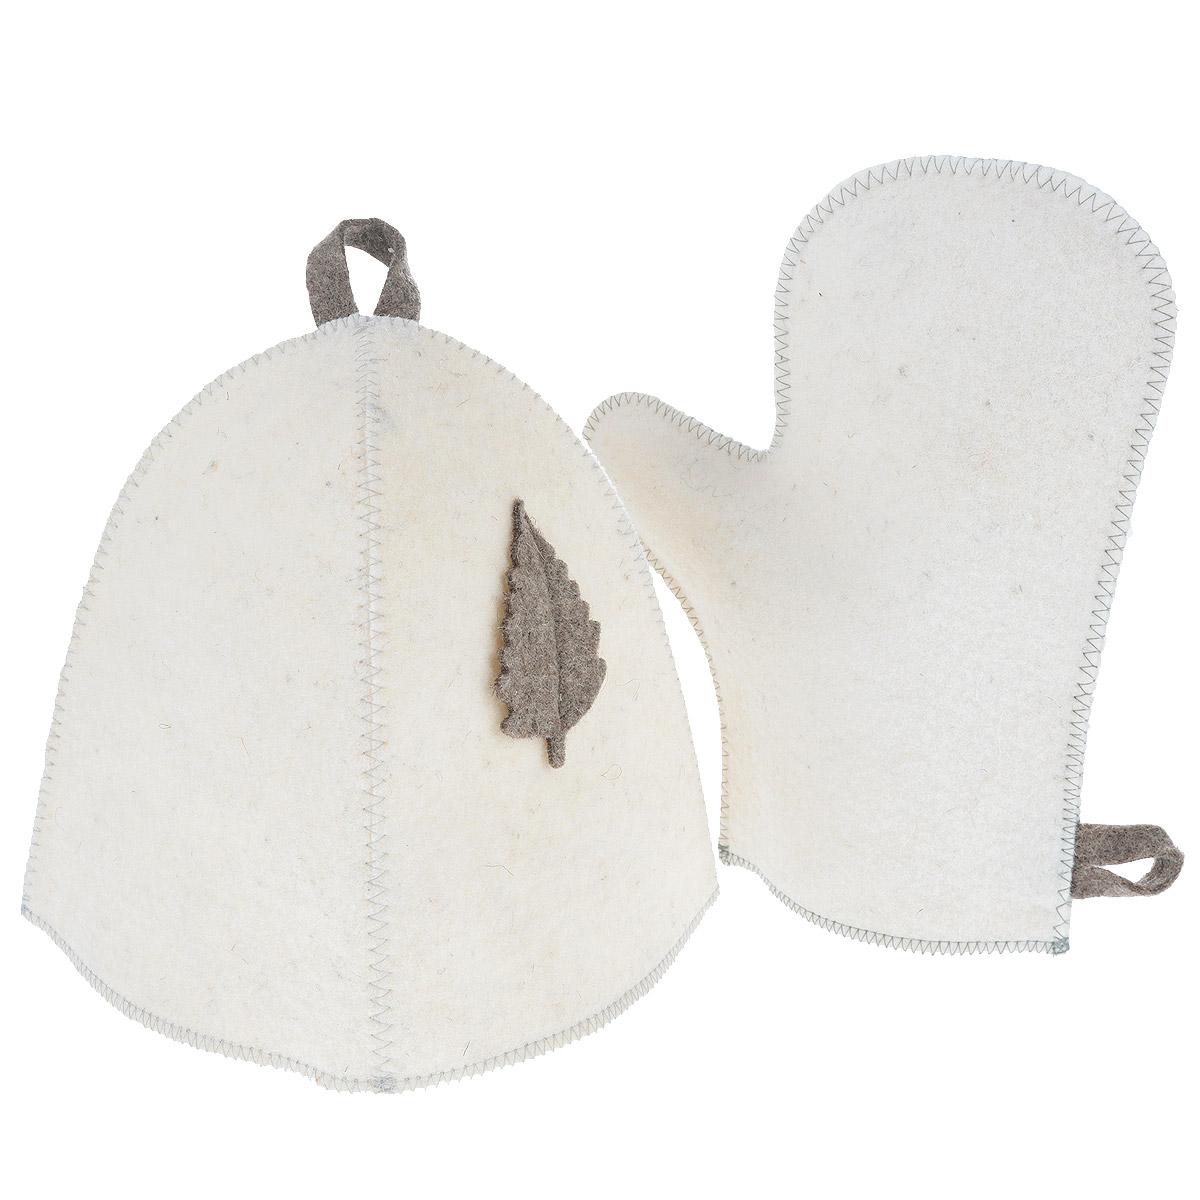 Набор для бани и сауны Главбаня, цвет: белый, бежевый, 2 предметаБ15 бежевый листНабор Главбаня, выполненный из войлока, состоит из шапки и рукавицы. Такой набор станет незаменимым и для любителей попариться в русской бани, и для тех, кто предпочитает сухой жар финской бани. Необычный дизайн изделий поможет сделать ваш отдых более приятным и разнообразным. Комплект станет отличным подарком для любителей отдыха в бане или сауне. Максимальный обхват головы (по основанию шапки): 70 см. Высота шапки: 23 см. Размер рукавицы (ДхШ): 28,5 см х 22,5 см.